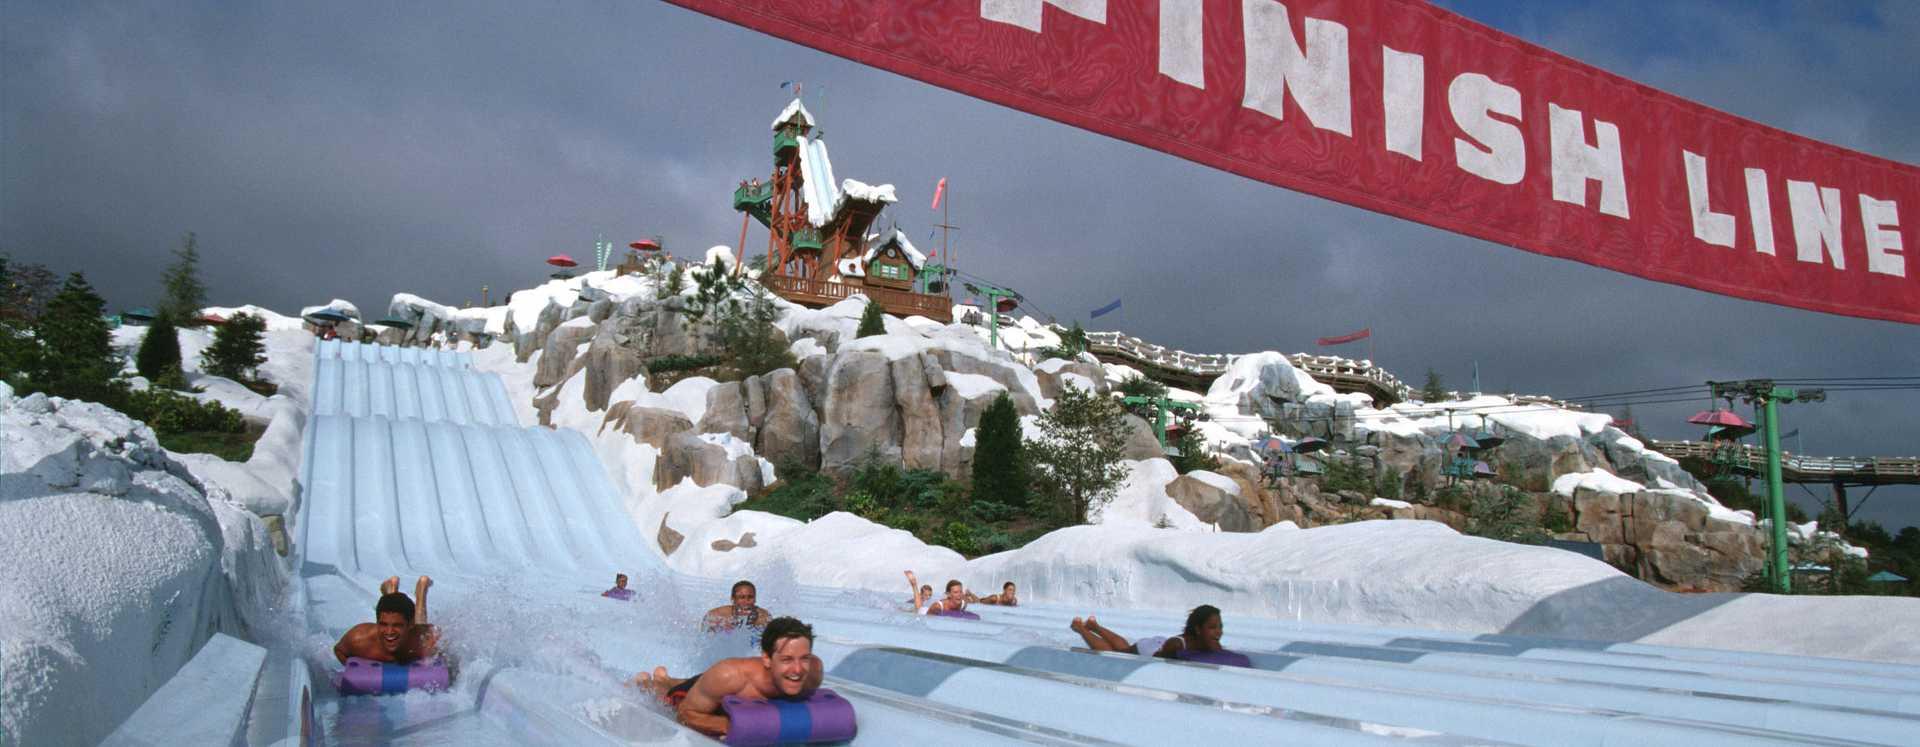 várias pessoas escorregando em uma disputa até a linha final de um toboágua no Disney's Blizzard Beach